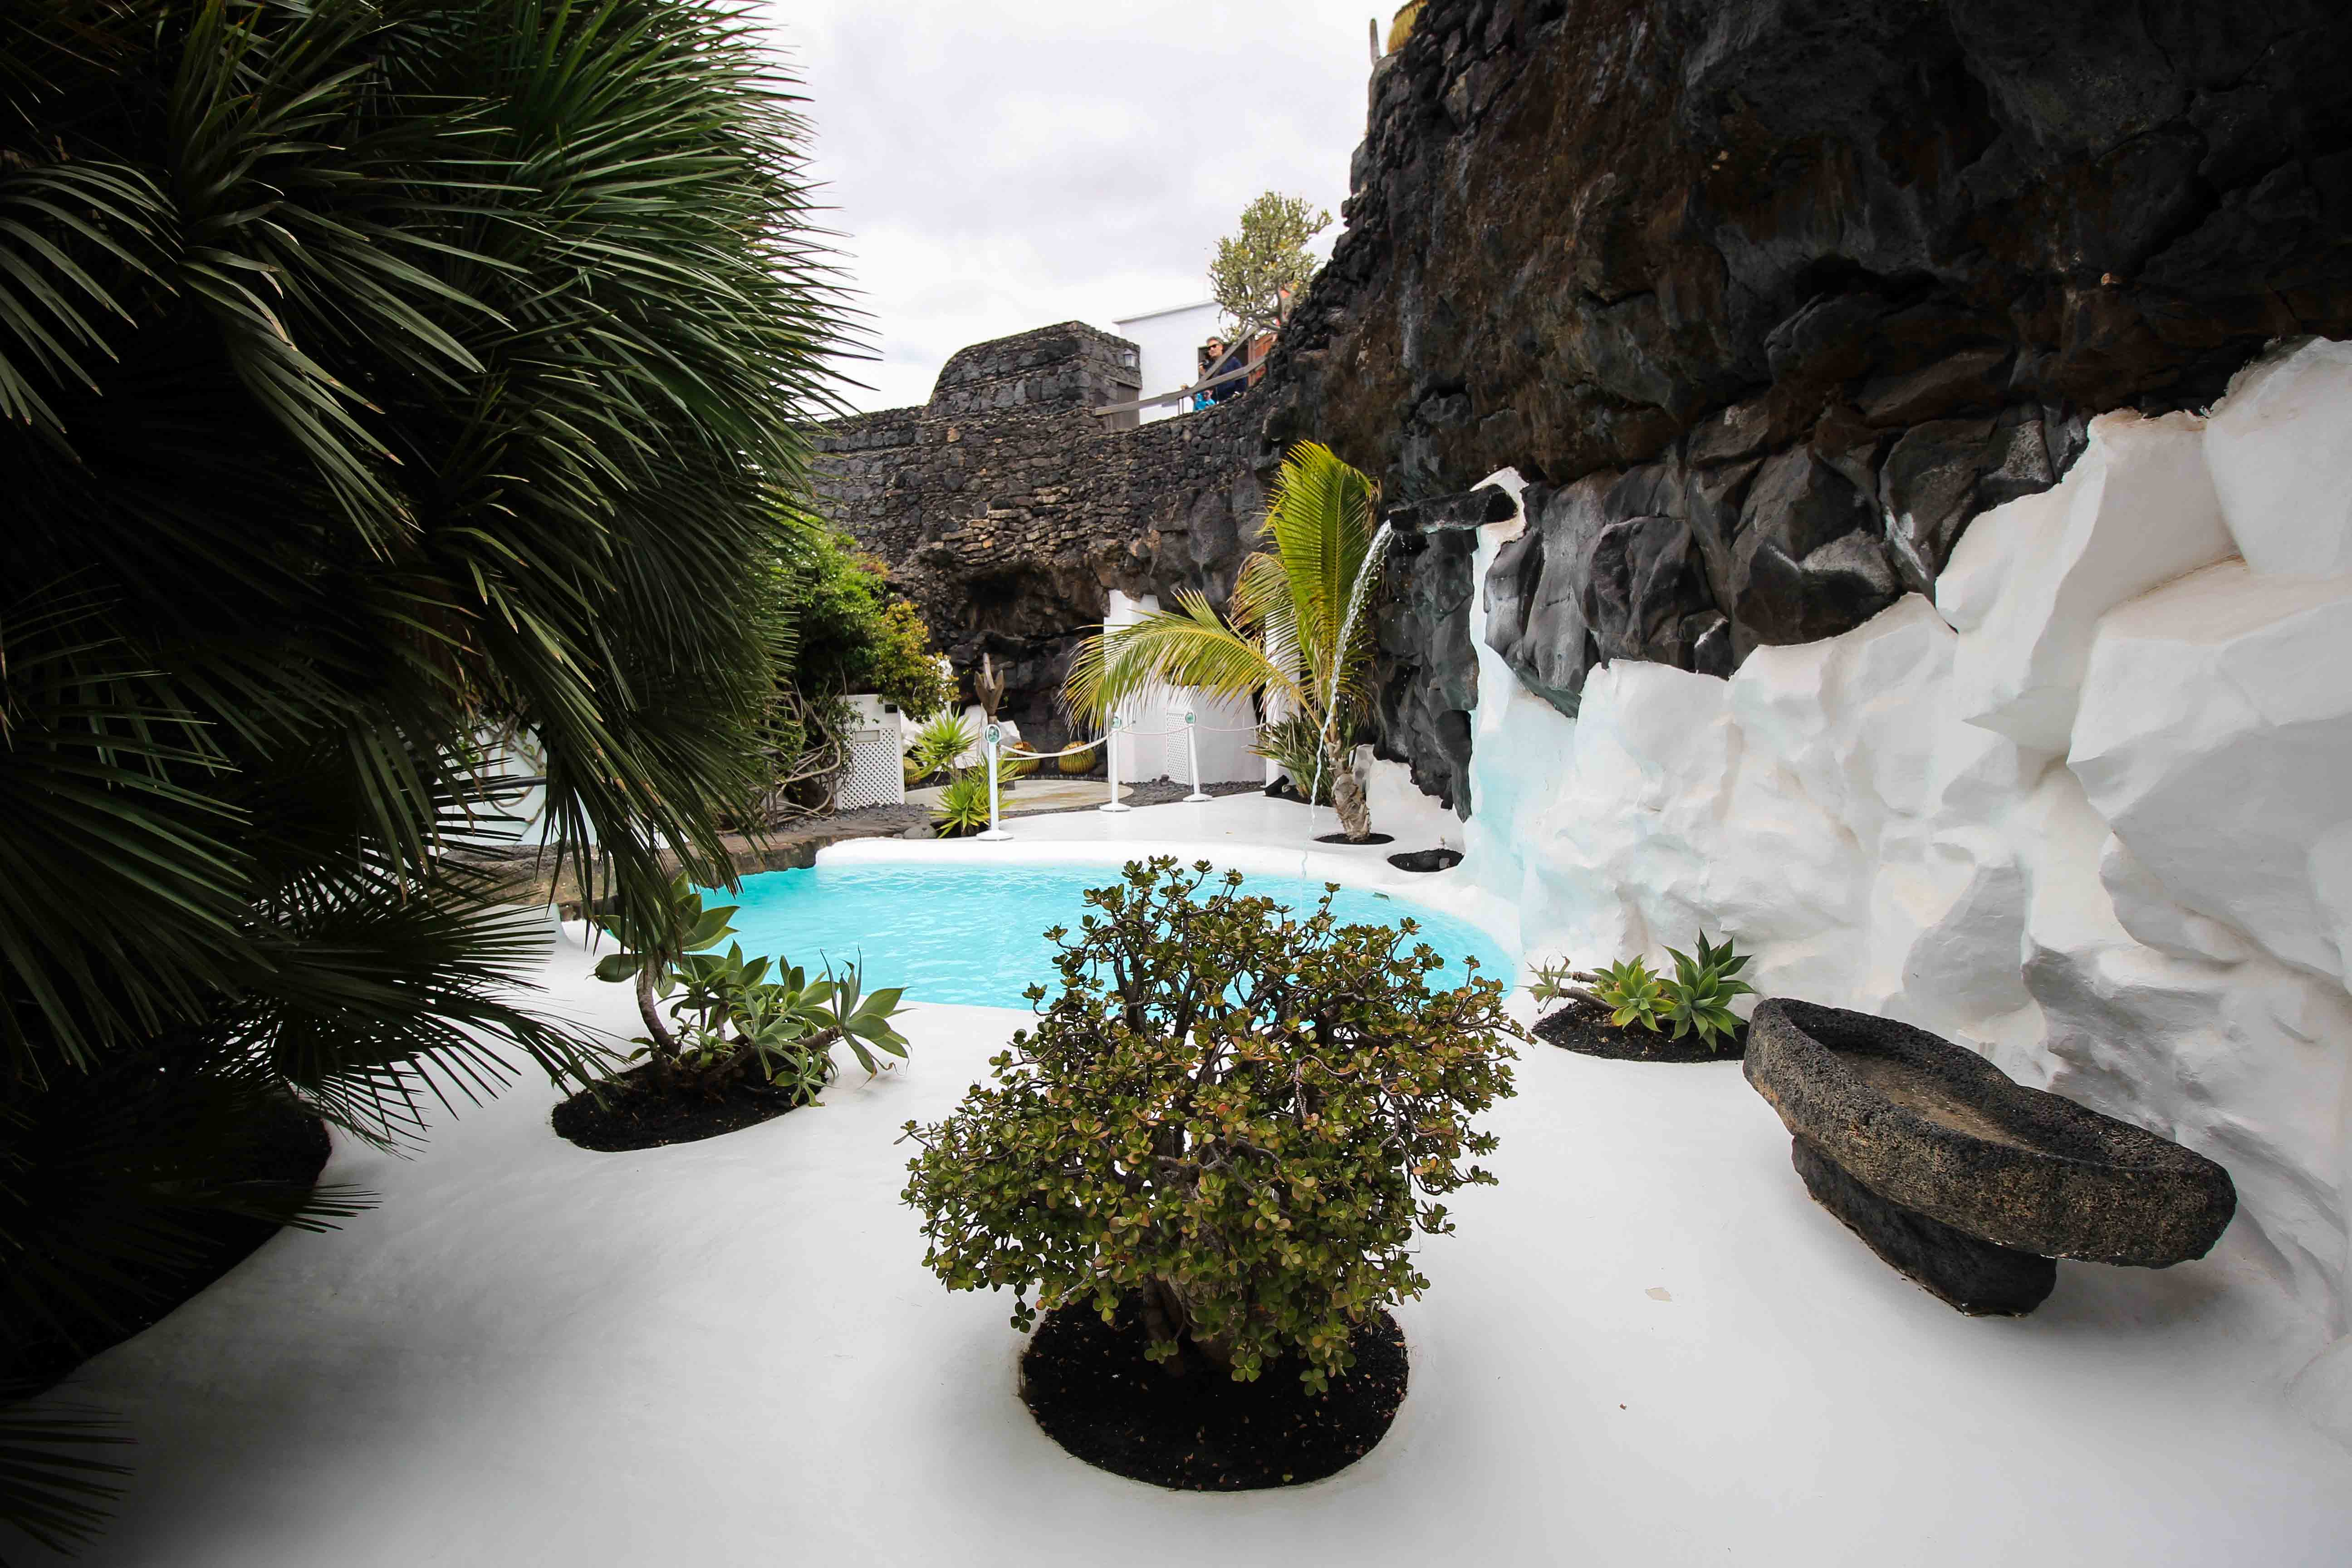 Top 10 Tipps Lanzarote Sehenswürdigkeiten Insider Tipps Lanzarote Spanien Fundación César Manrique Pool Garten Reiseblog